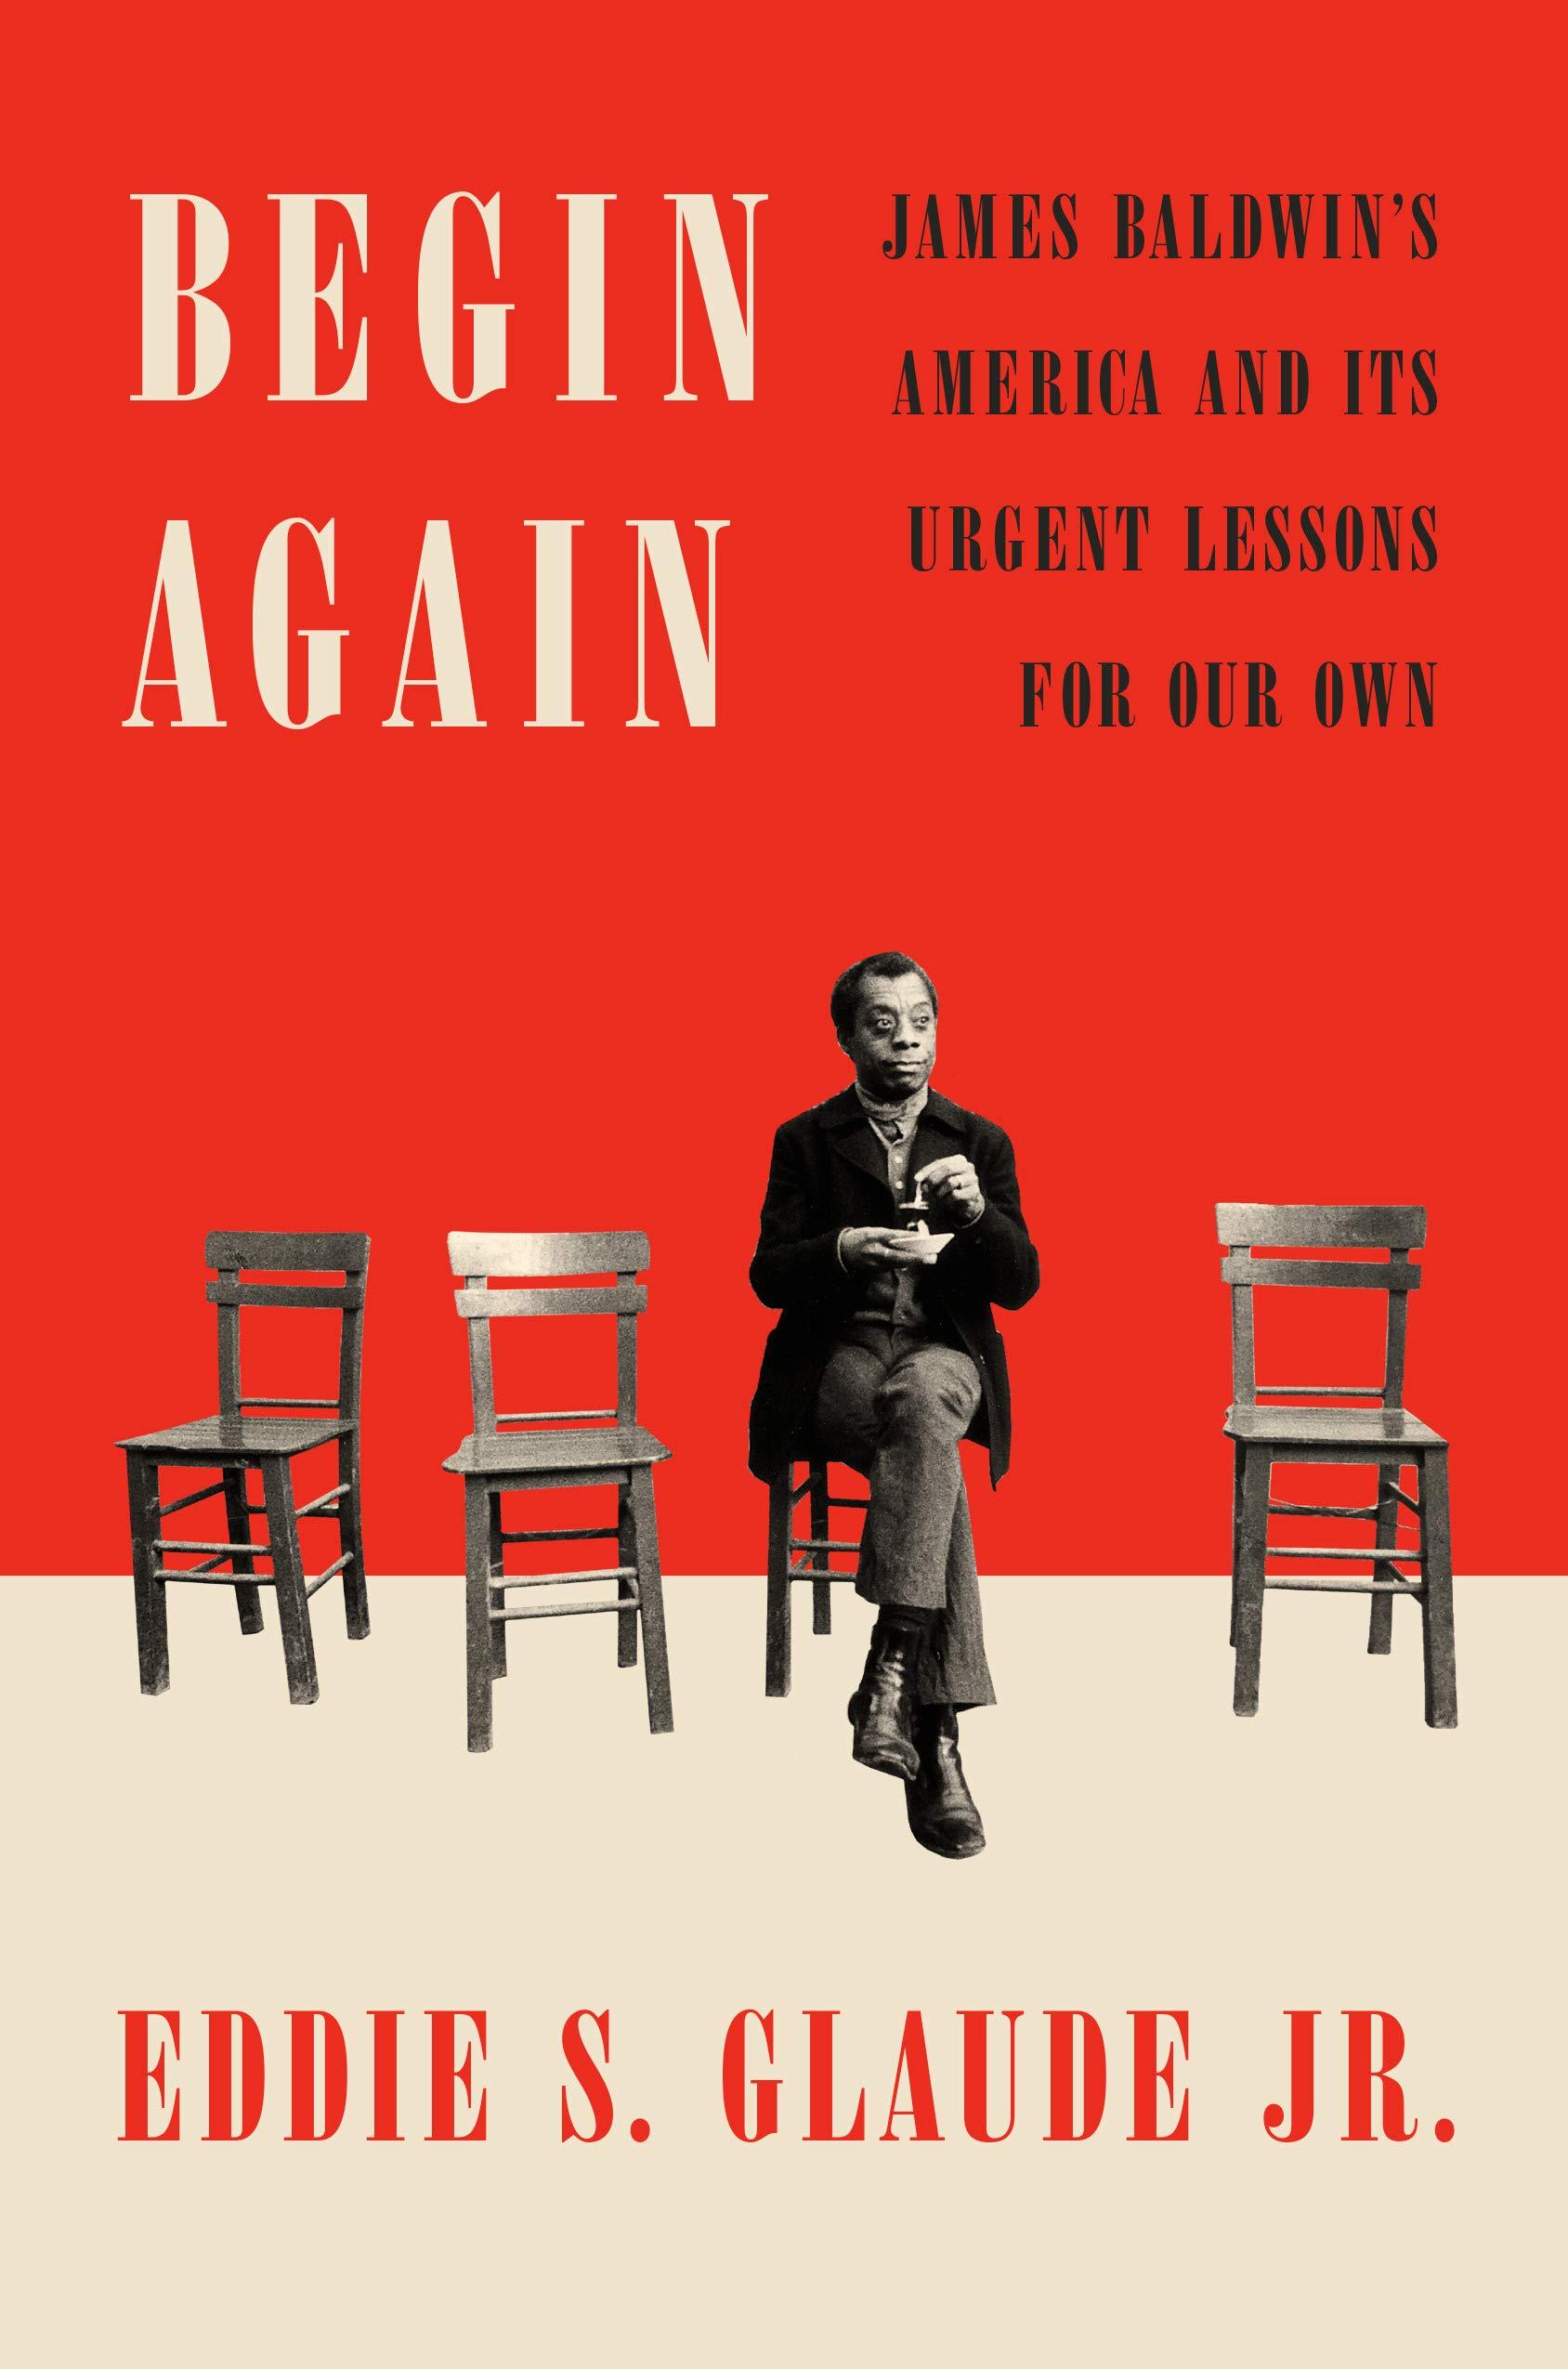 Cover image of Begin Again by Eddie S. Glaude